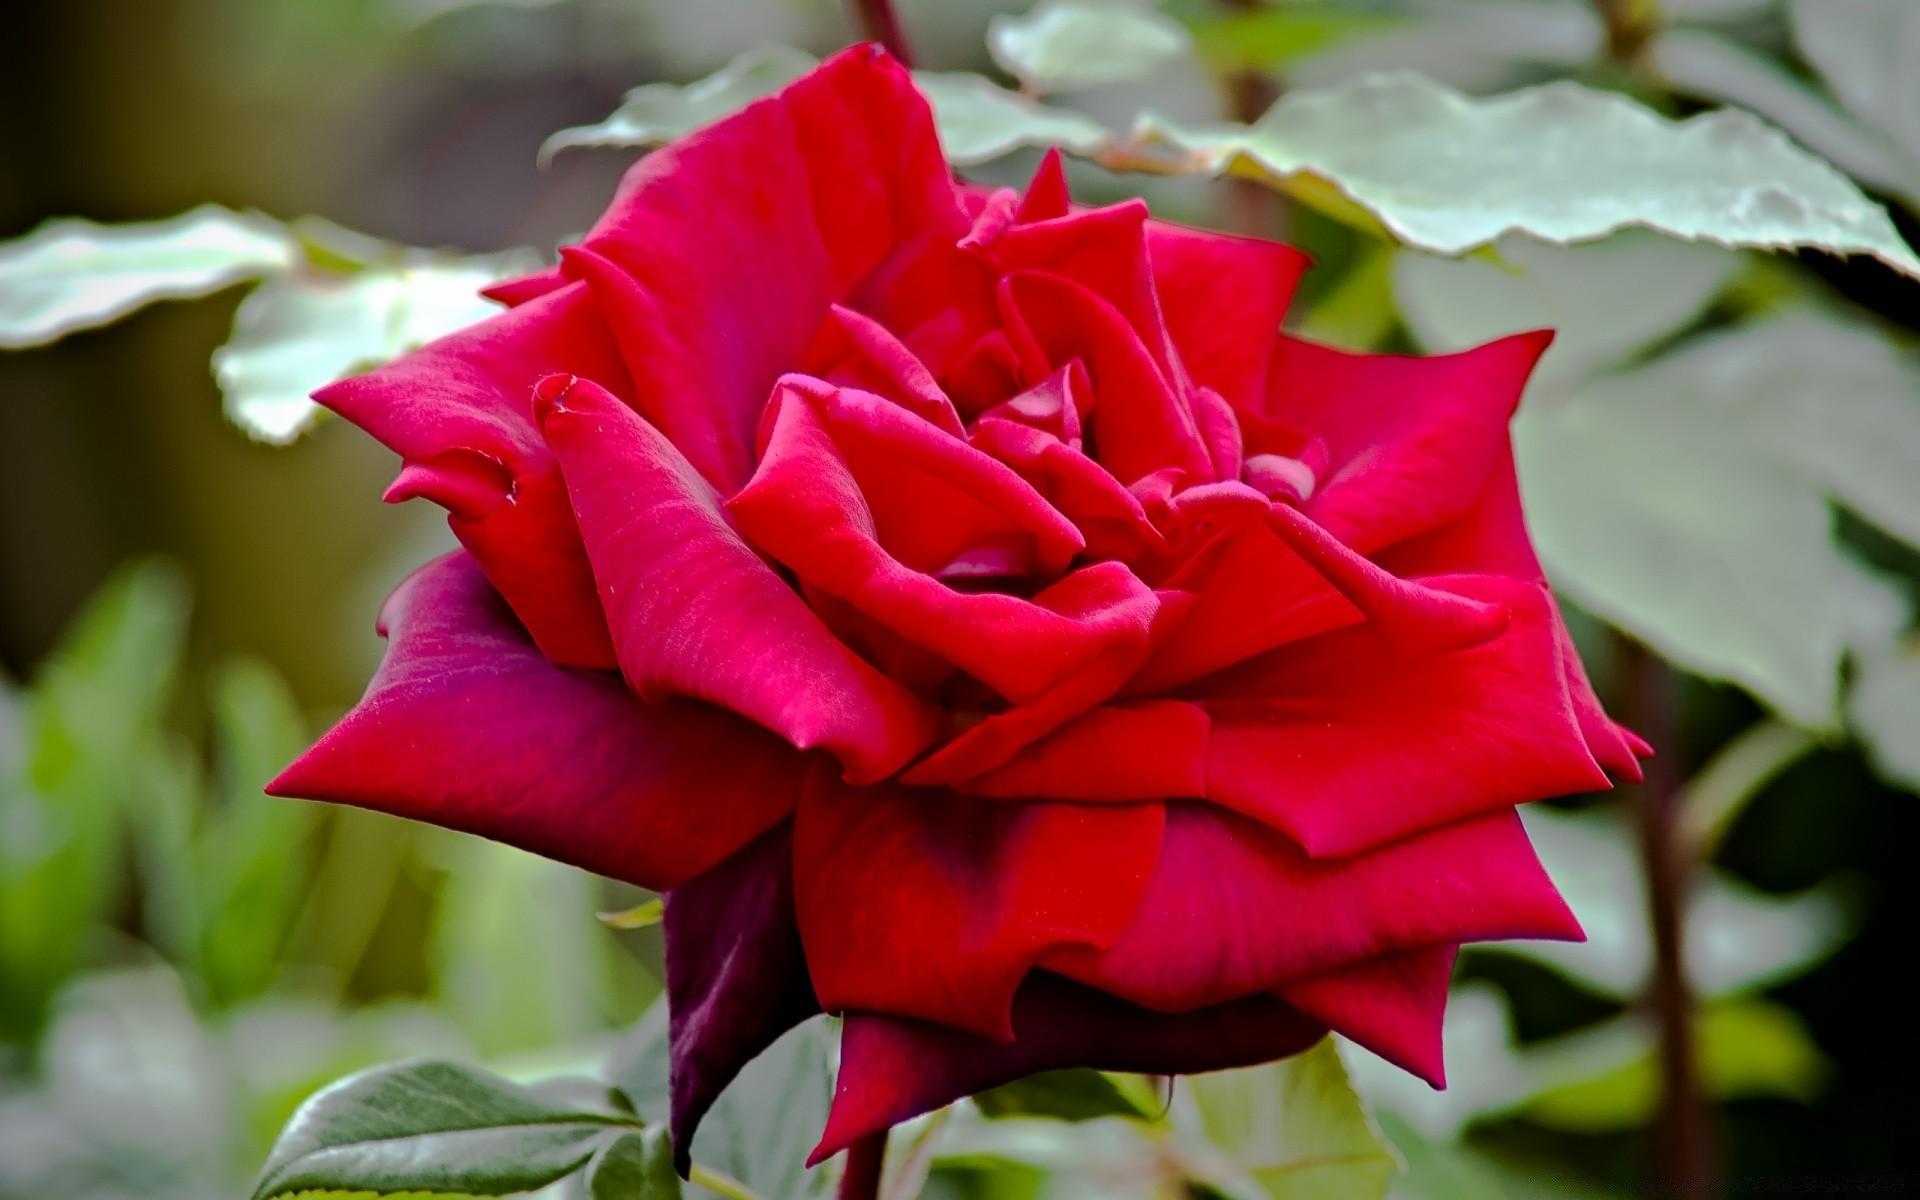 липучках находка королевская роза картинка сторона банкноты